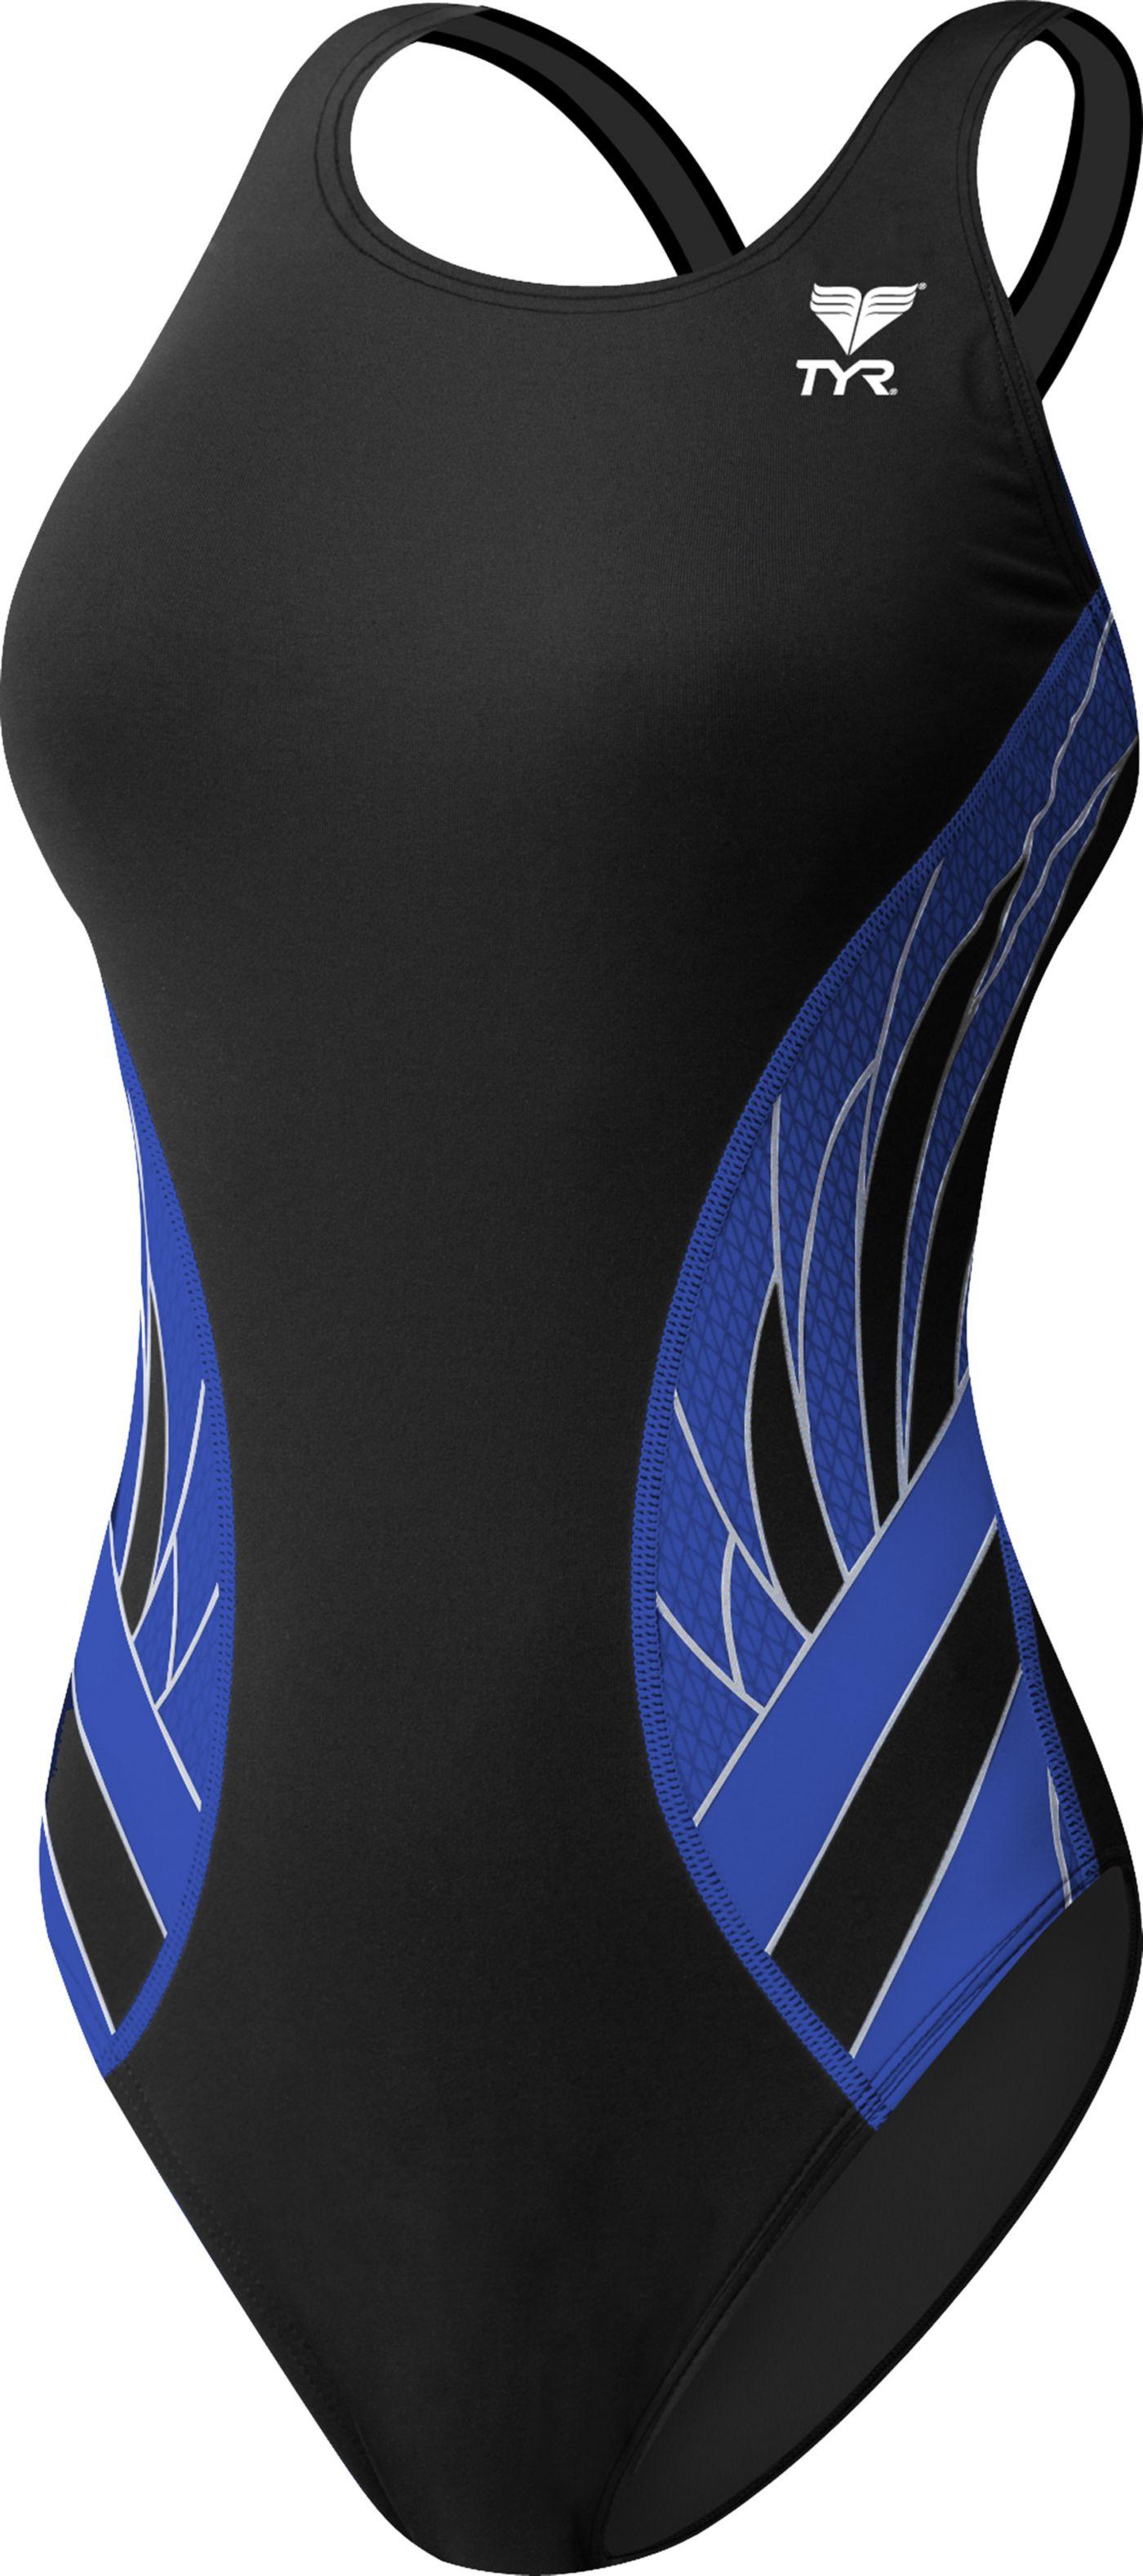 TYR Women's Phoenix Maxfit Back Swimsuit